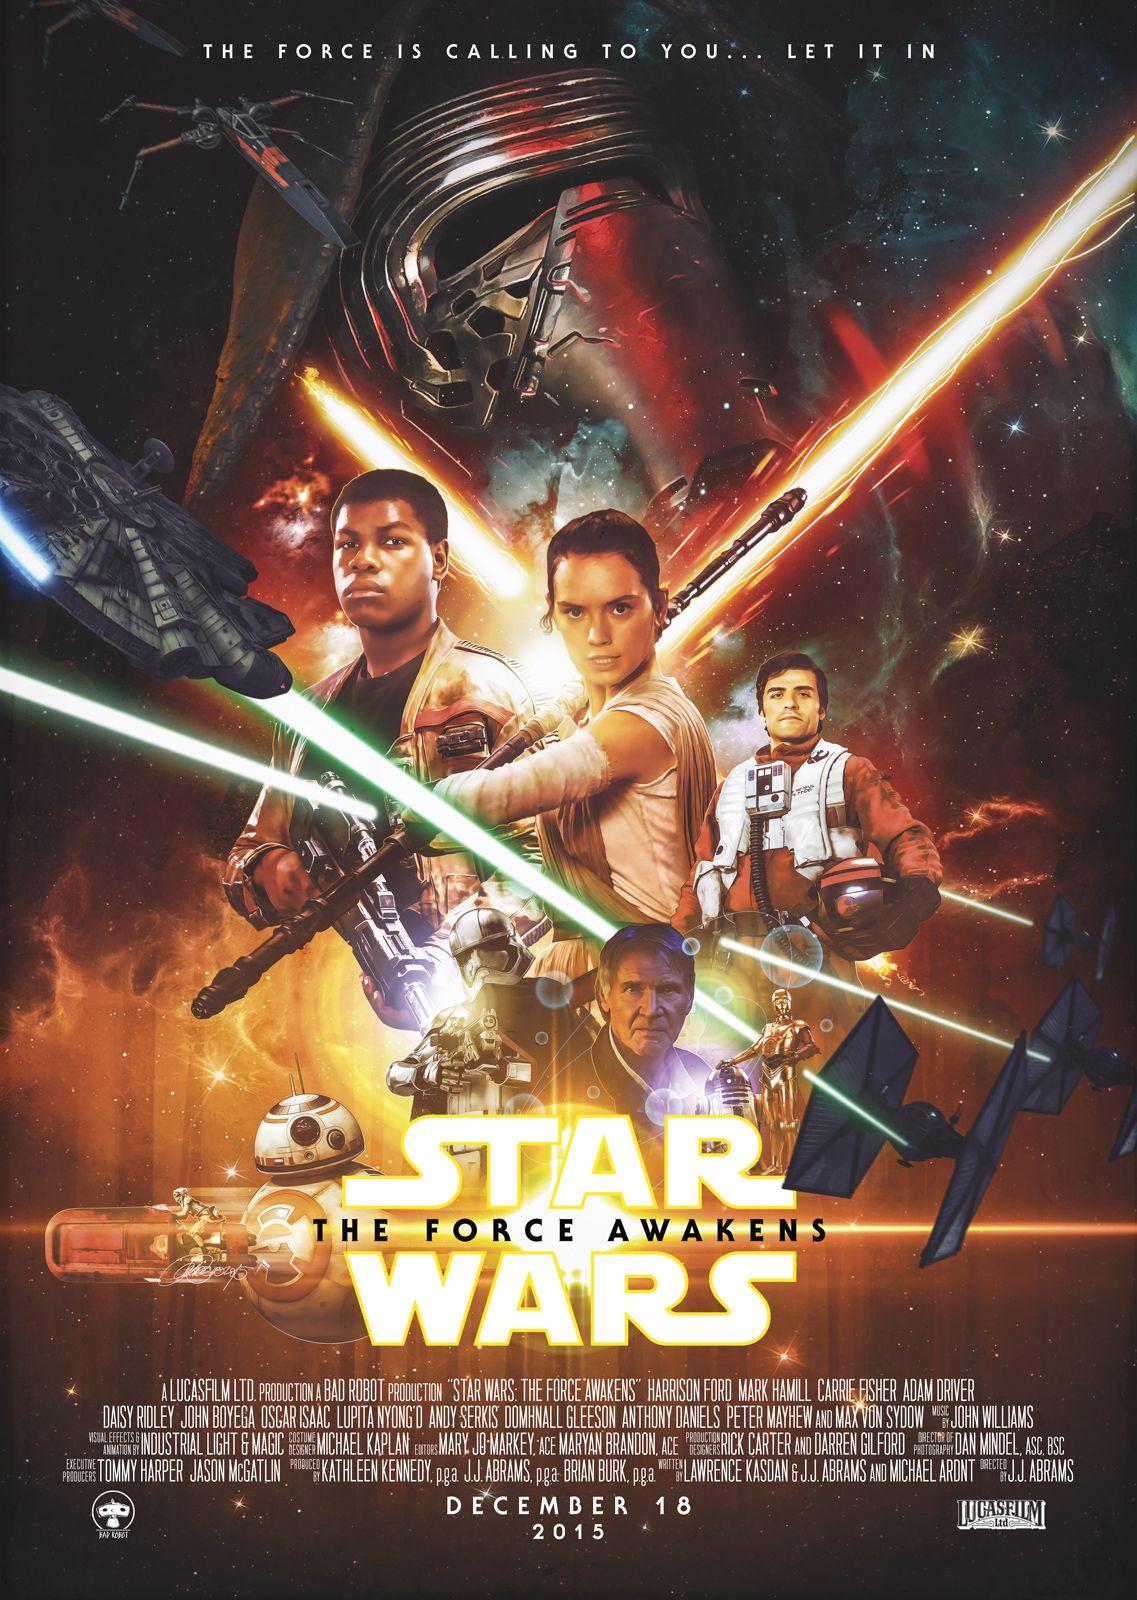 Star Wars: The Force Awakens | KEY ART | Star Wars, Star wars ...